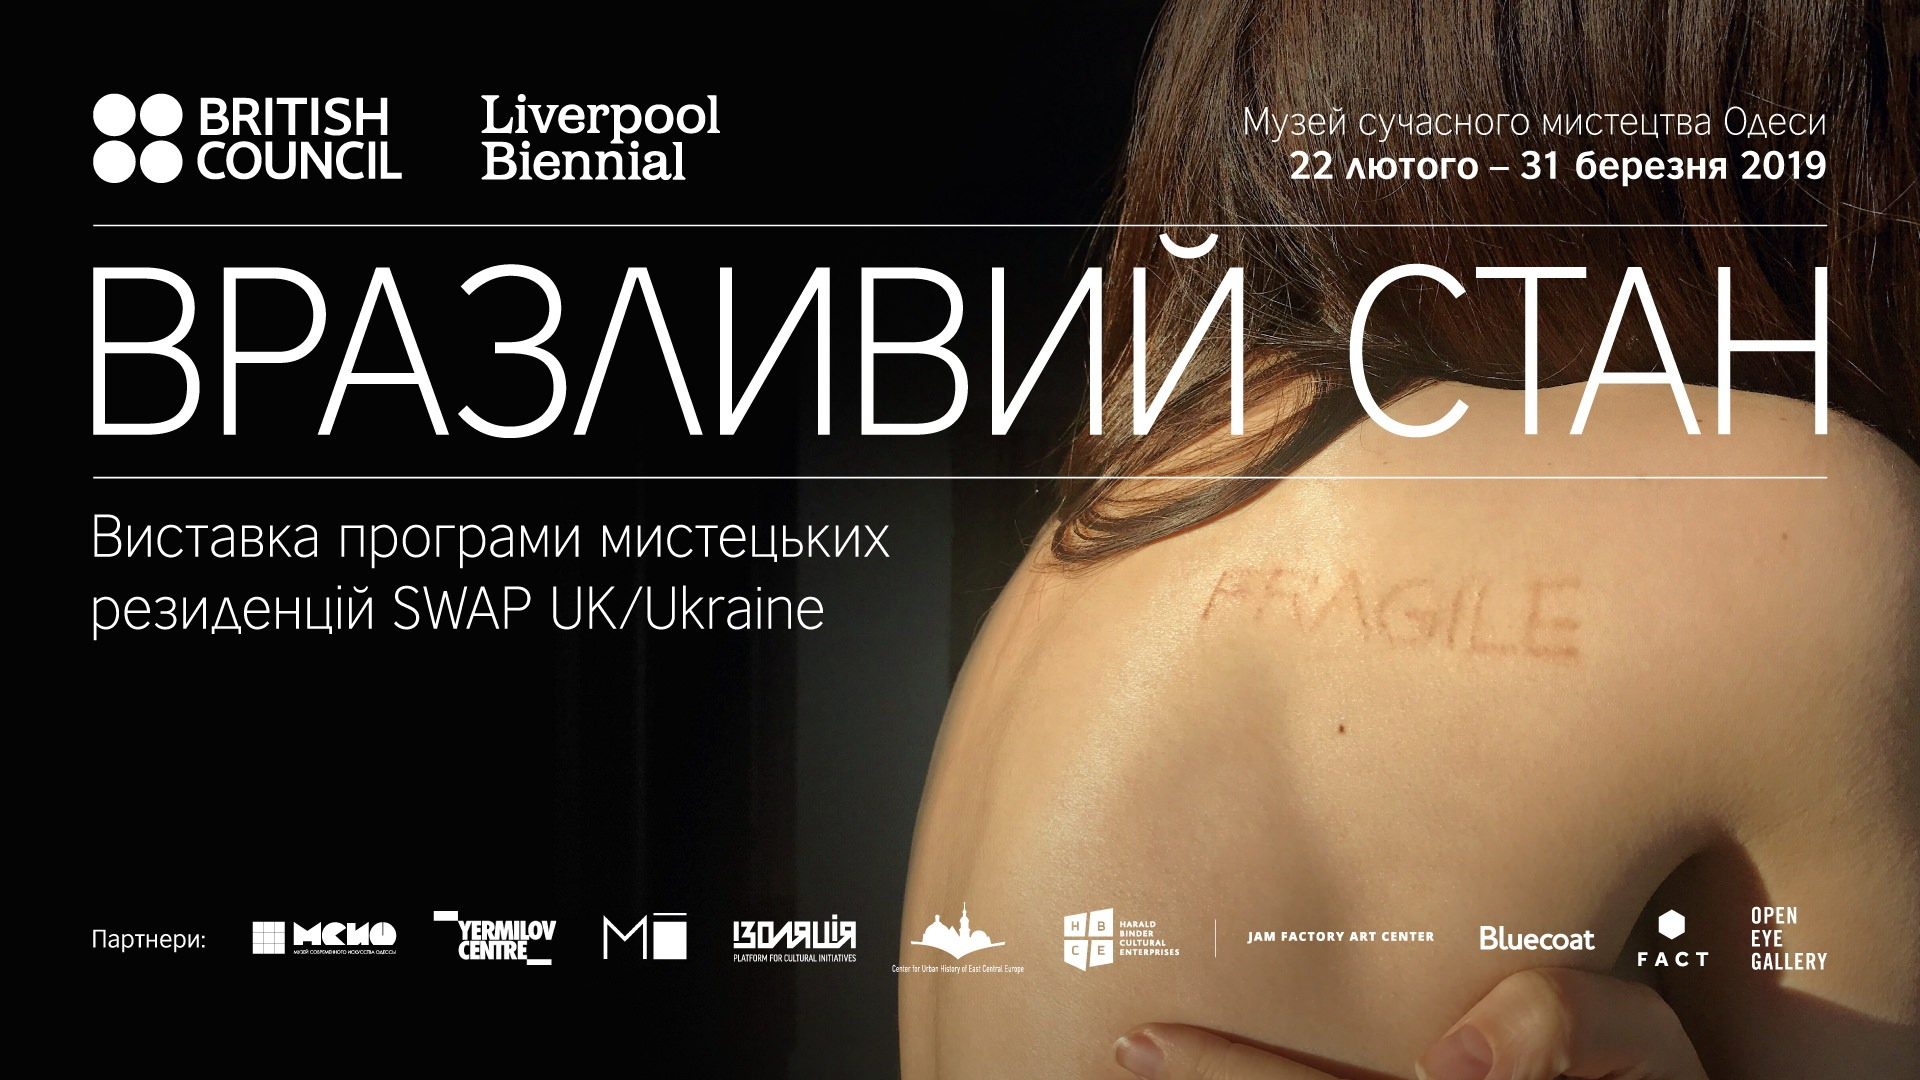 «Уязвимое состояние» - финальная выставка художественных резиденций SWAP: UK/UKRAINE 2018 в Одессе